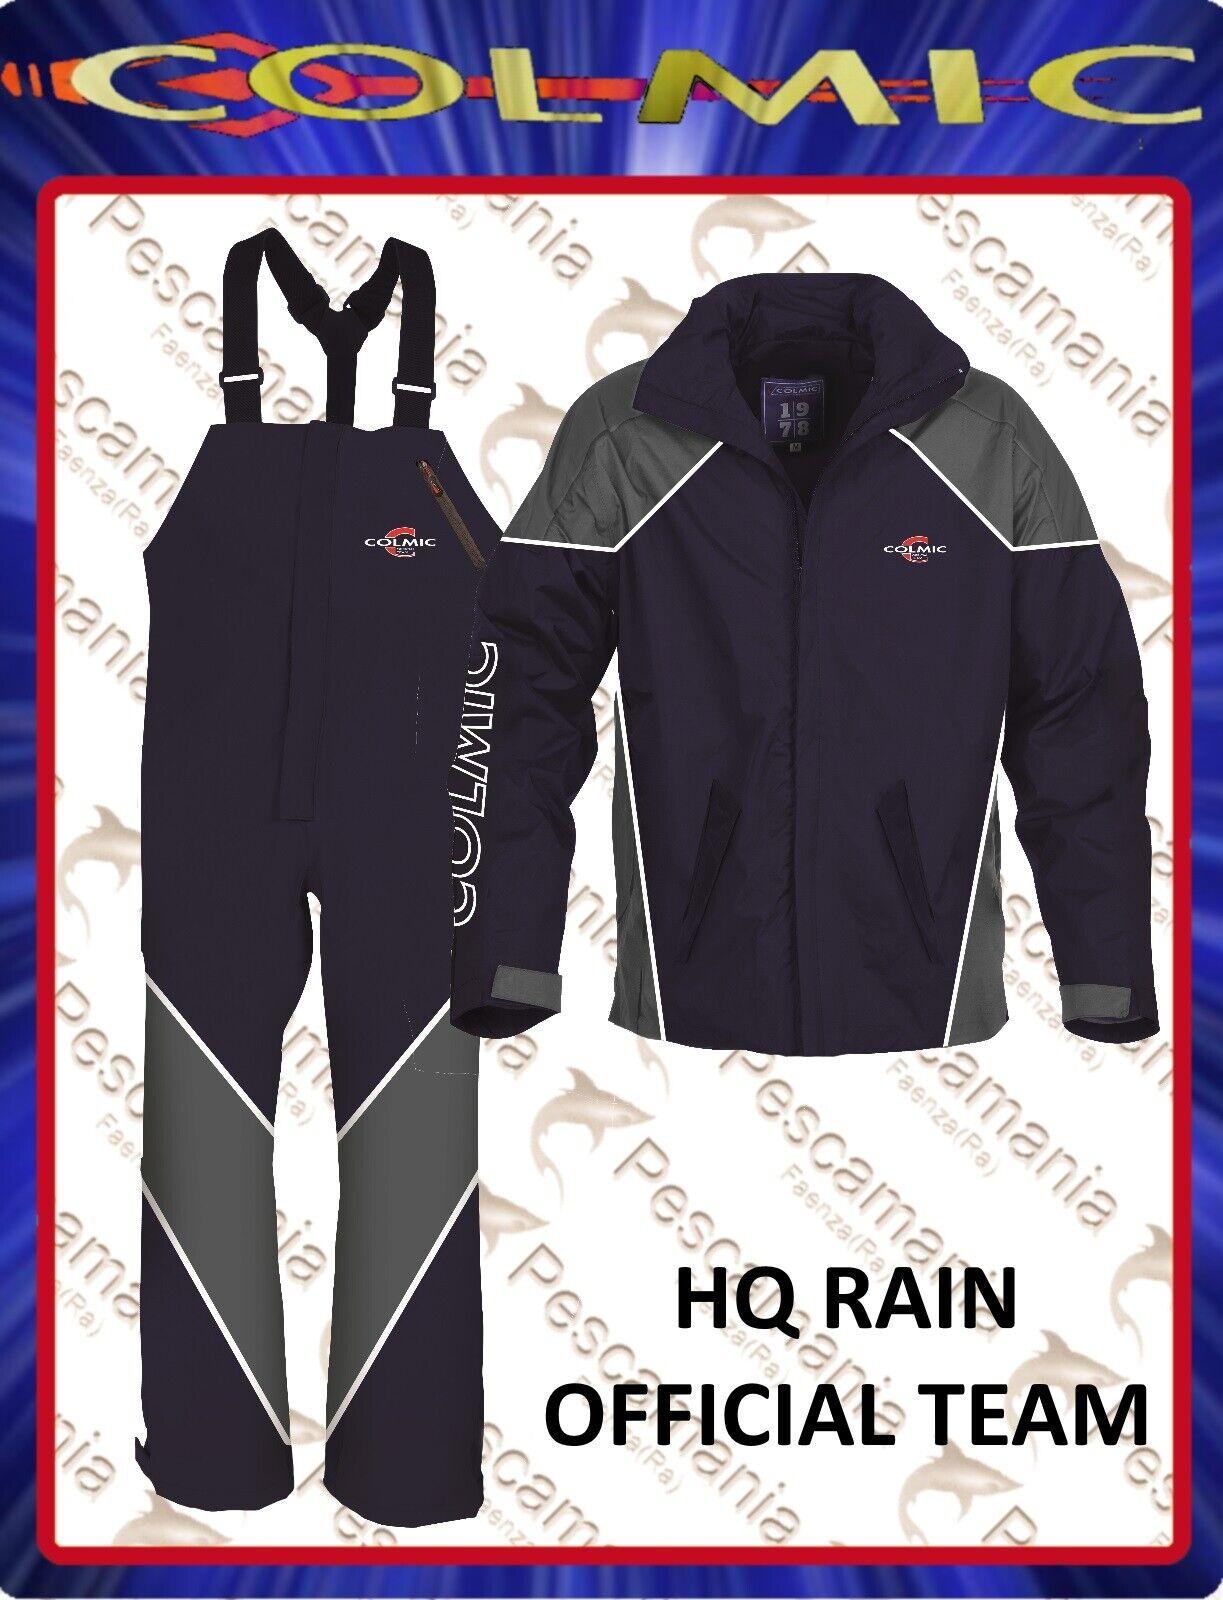 Completo anti pioggia Colmic HQ RAIN official team impermeabile traspirante